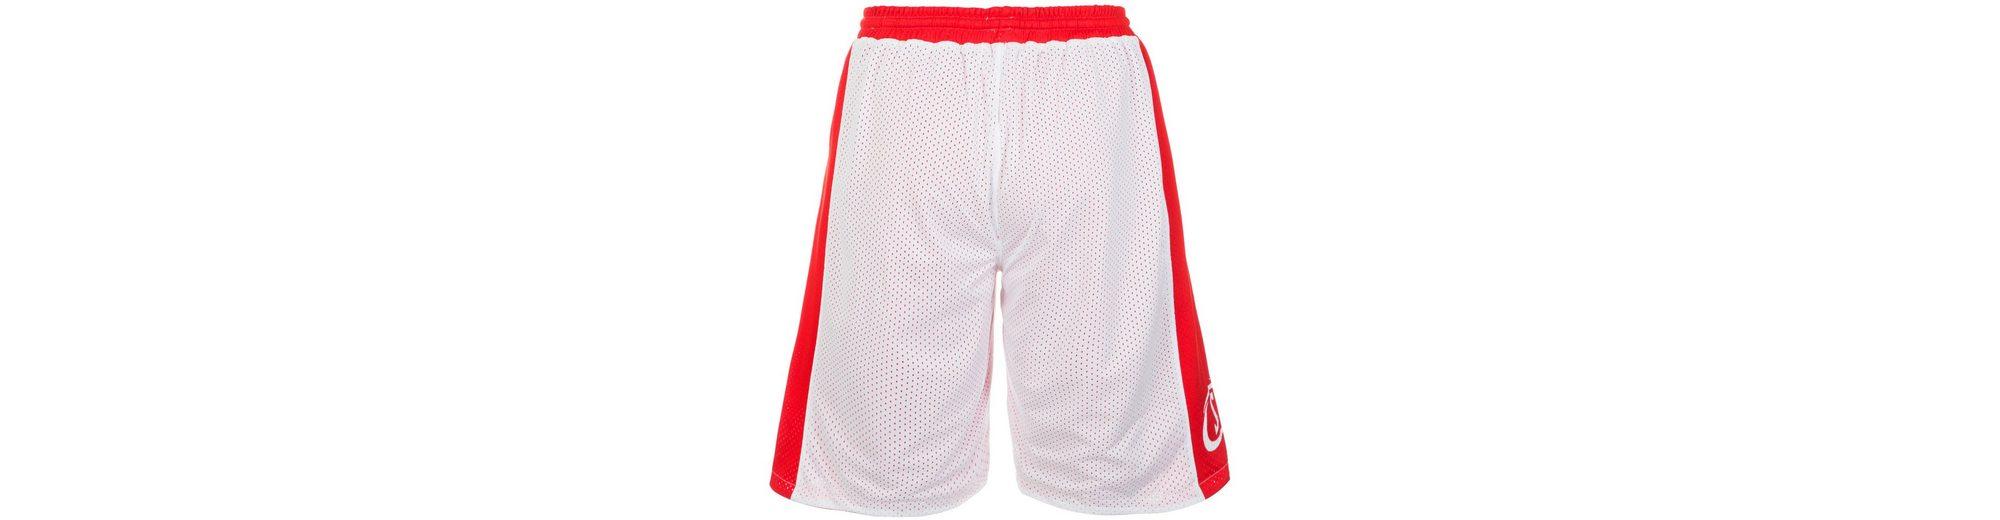 SPALDING Essential Reversible Basketballshort Herren Billig Verkaufen Gefälschte Wirklich Zum Verkauf Billige Browse Geniue Händler 5k4H6NxB